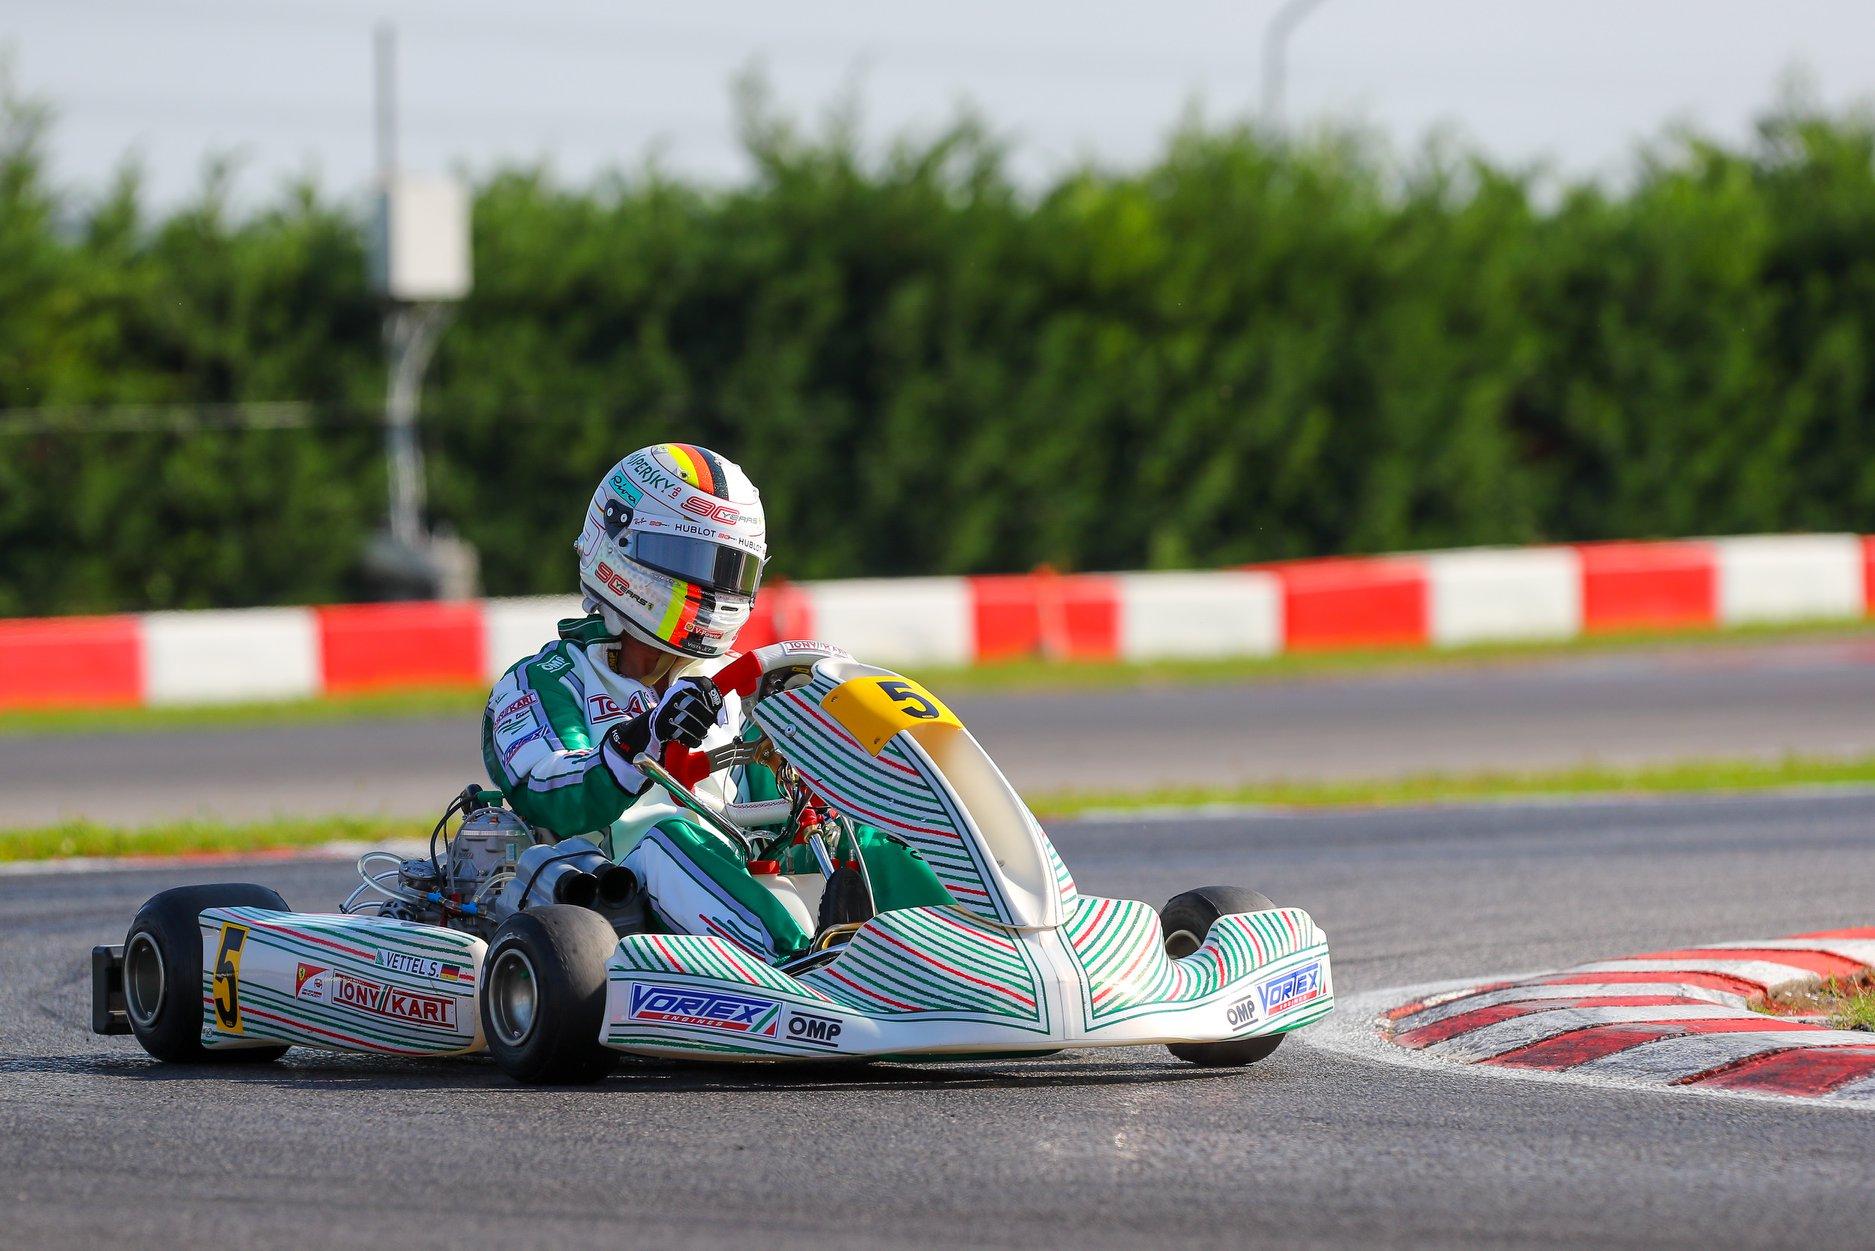 Sebastian_Vettel_testing_Tony_Kart_0006